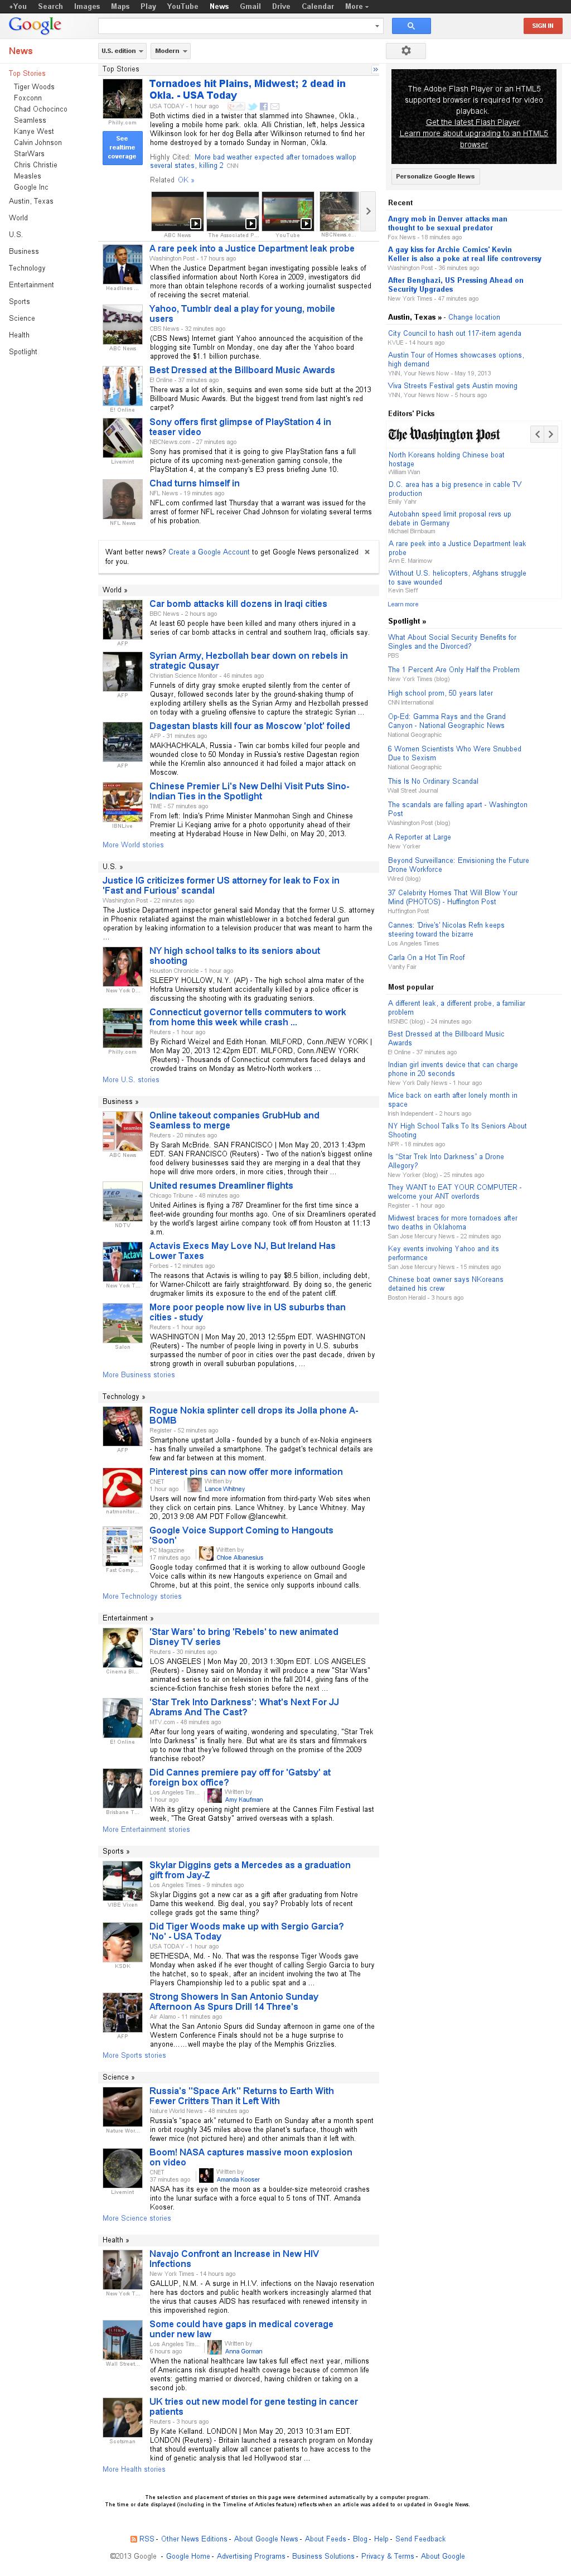 Google News at Monday May 20, 2013, 6:06 p.m. UTC